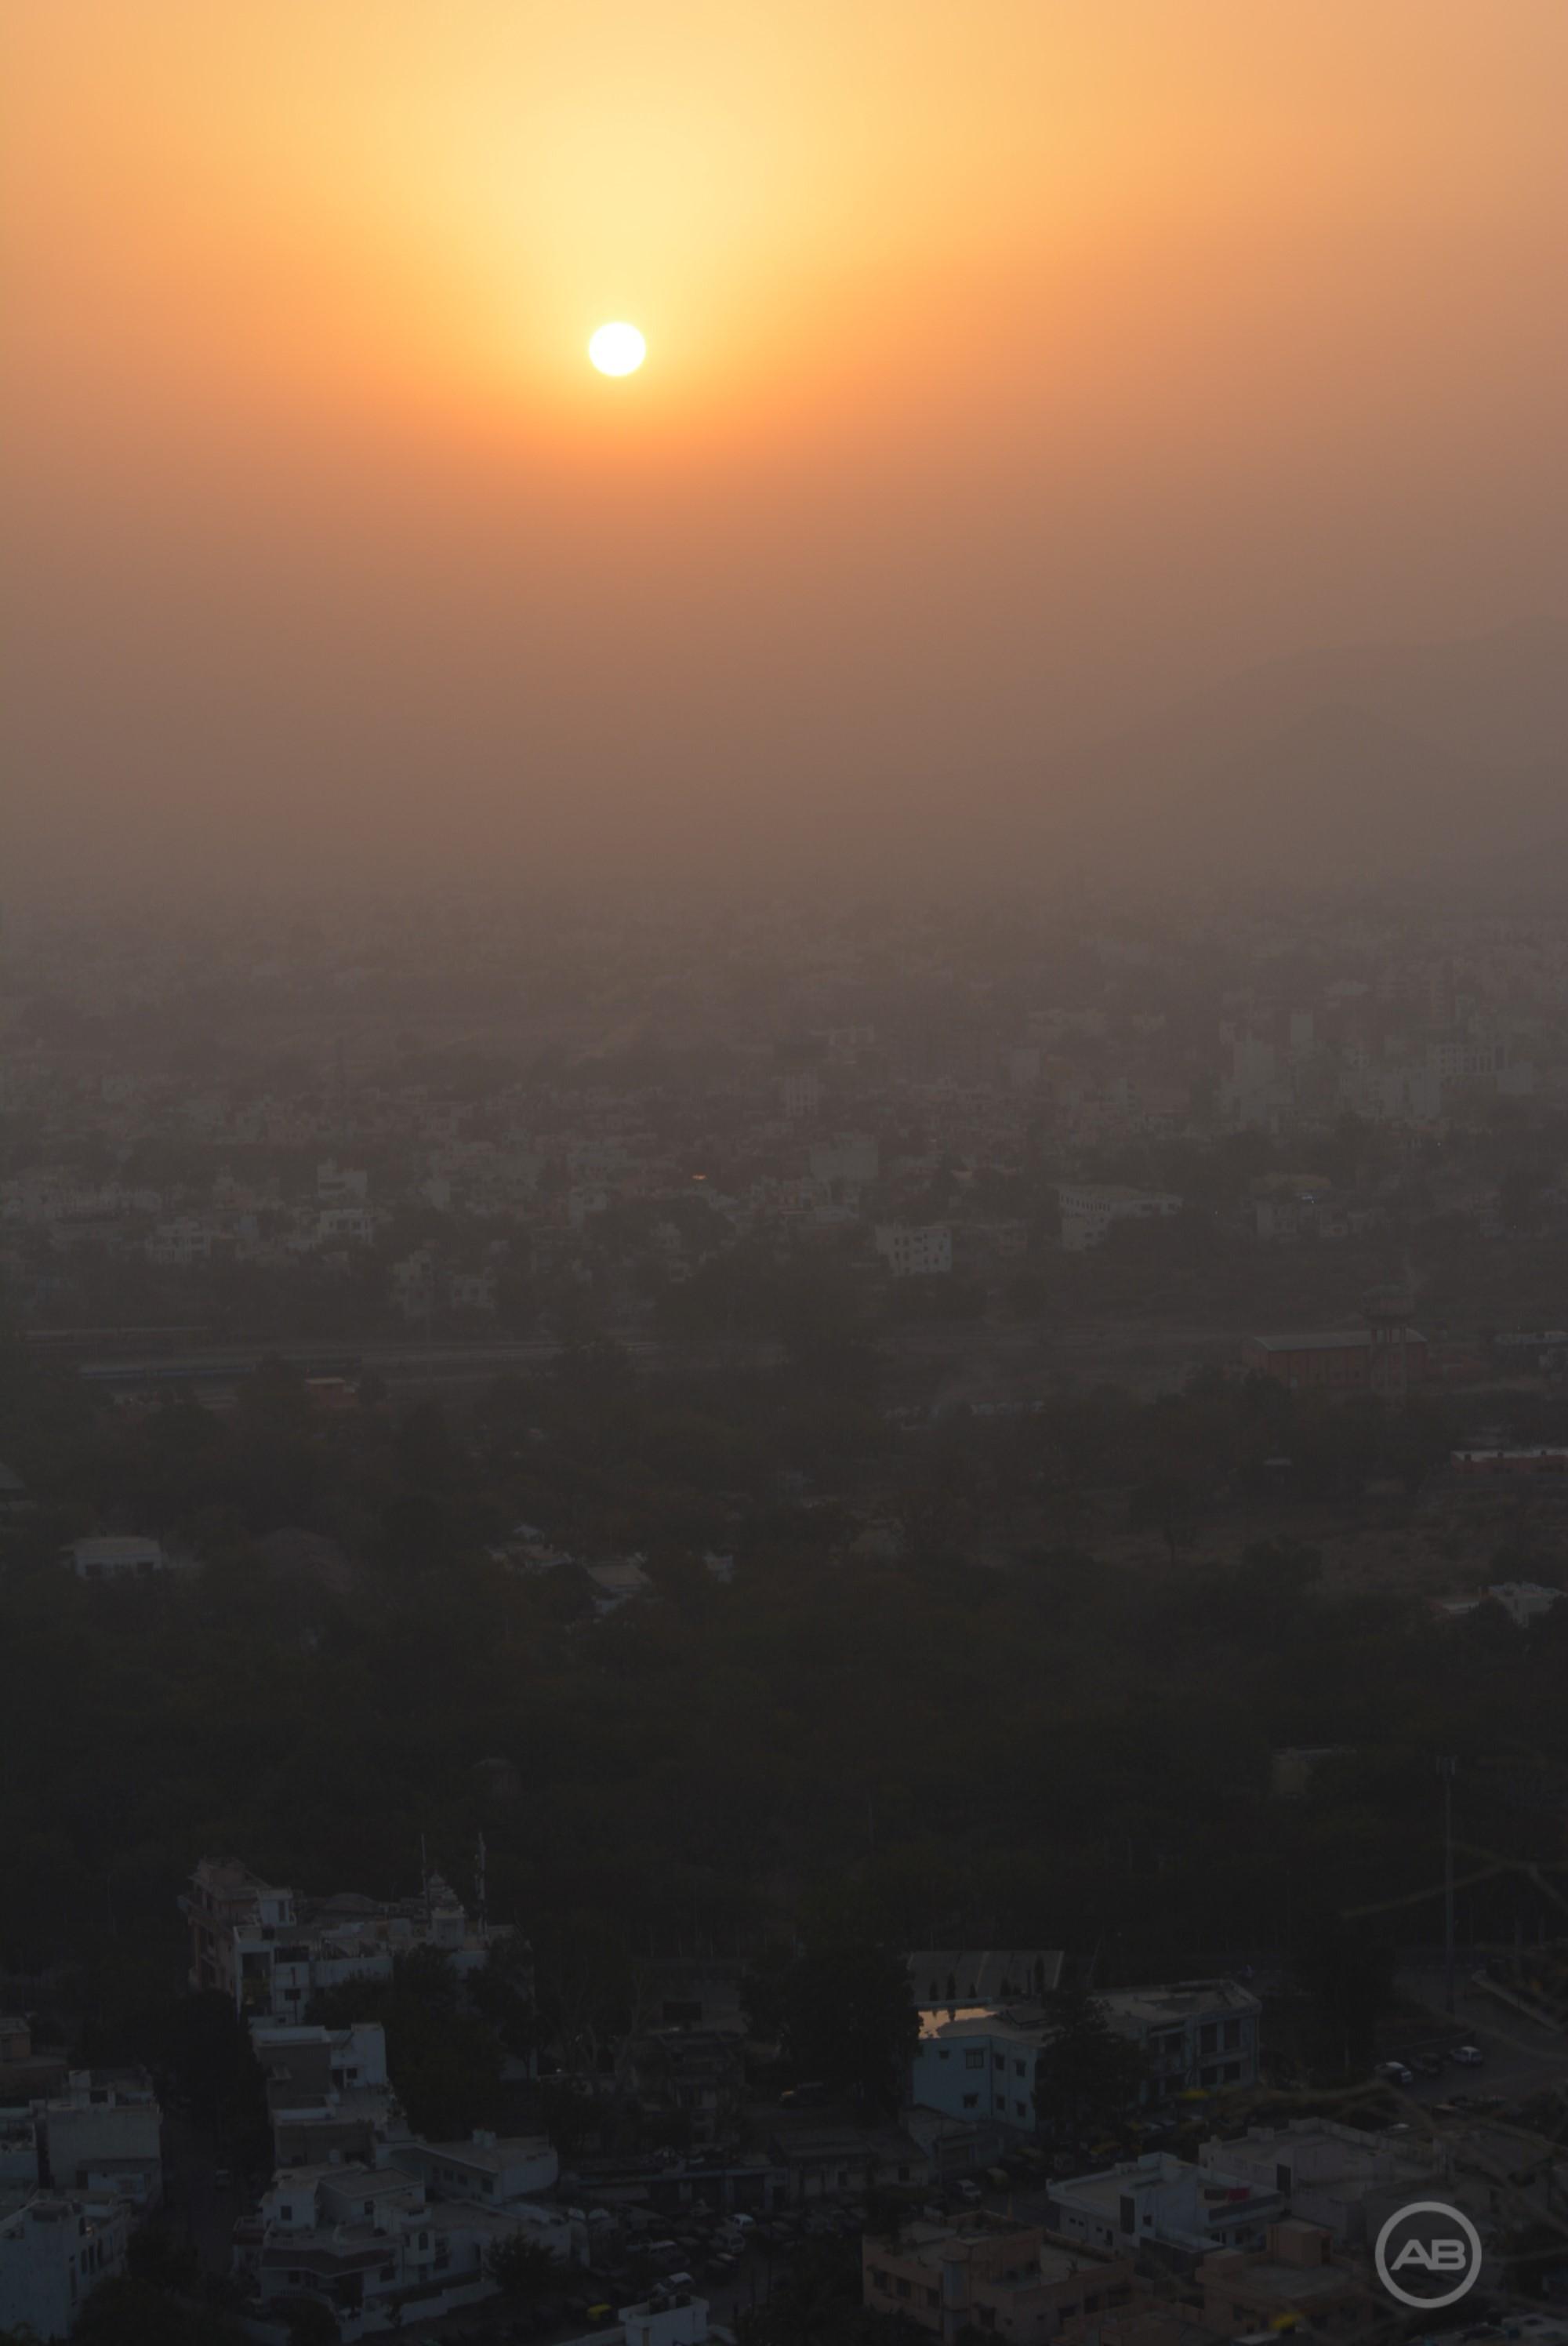 Sunrise at Karni Mata